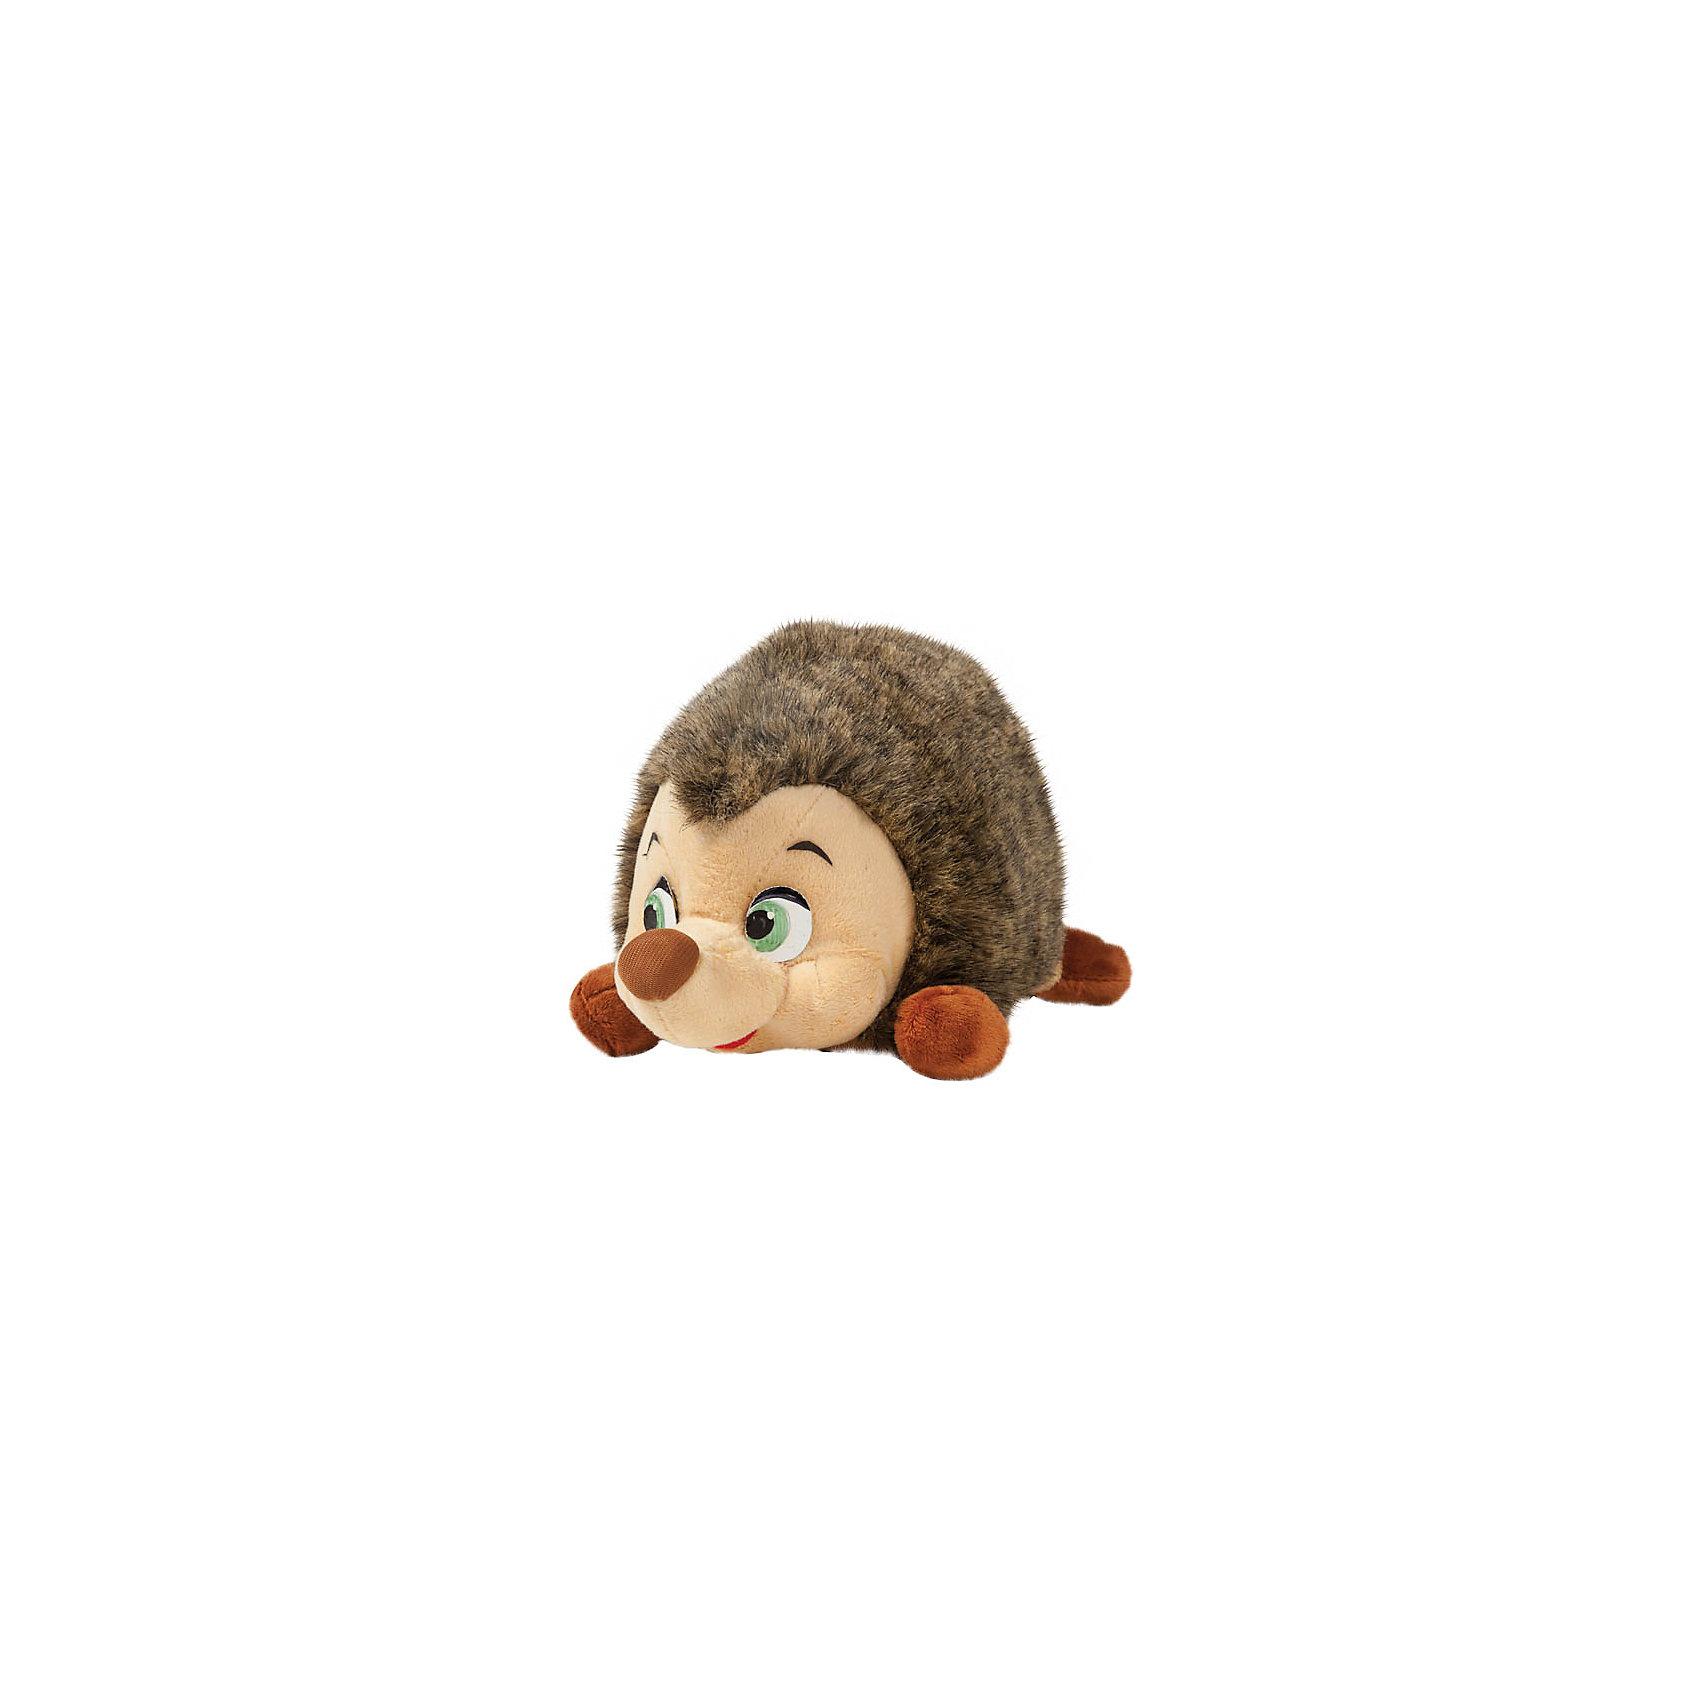 Мягкая игрушка Ежик, 25 см, со звуком, Маша и Медведь, МУЛЬТИ-ПУЛЬТИМягкая игрушка Ежик со звуком от марки МУЛЬТИ-ПУЛЬТИ<br><br>Интерактивная  мягкая игрушка от отечественного производителя поможет ребенку проводить время весело и с пользой. Она сделана в виде Ёжика из известного любимого детьми мультфильма. В игрушке есть встроенный звуковой модуль, работающий на батарейках.<br>Размер игрушки универсален - 25 сантиметров, её удобно брать с собой в поездки и на прогулку. Сделана она из качественных и безопасных для ребенка материалов. <br><br>Отличительные особенности игрушки:<br><br>- материал: текстиль, пластик;<br>- звуковой модуль;<br>- язык: русский;<br>- работает на батарейках;<br>- высота: 25 см.<br><br>Мягкую игрушку Ежик со звуком от марки МУЛЬТИ-ПУЛЬТИ можно купить в нашем магазине.<br><br>Ширина мм: 520<br>Глубина мм: 520<br>Высота мм: 420<br>Вес г: 330<br>Возраст от месяцев: 36<br>Возраст до месяцев: 84<br>Пол: Унисекс<br>Возраст: Детский<br>SKU: 4659472